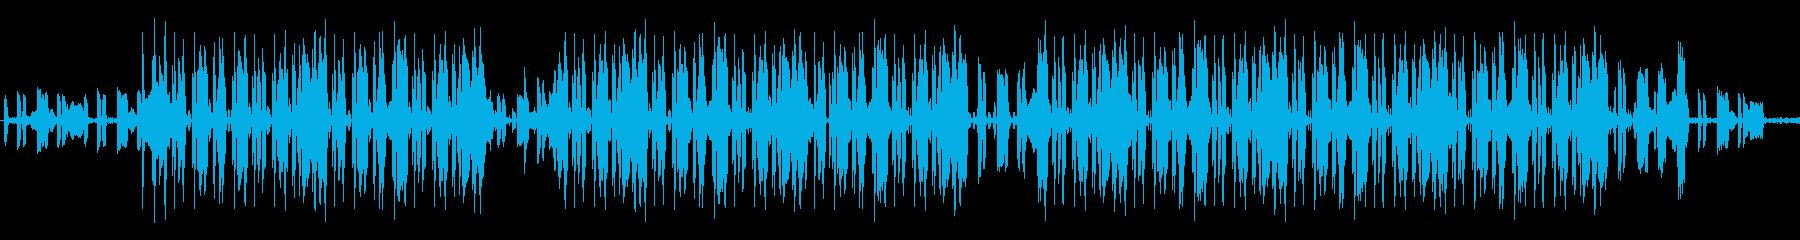 哀愁漂うメロウなヒップホップビートの再生済みの波形